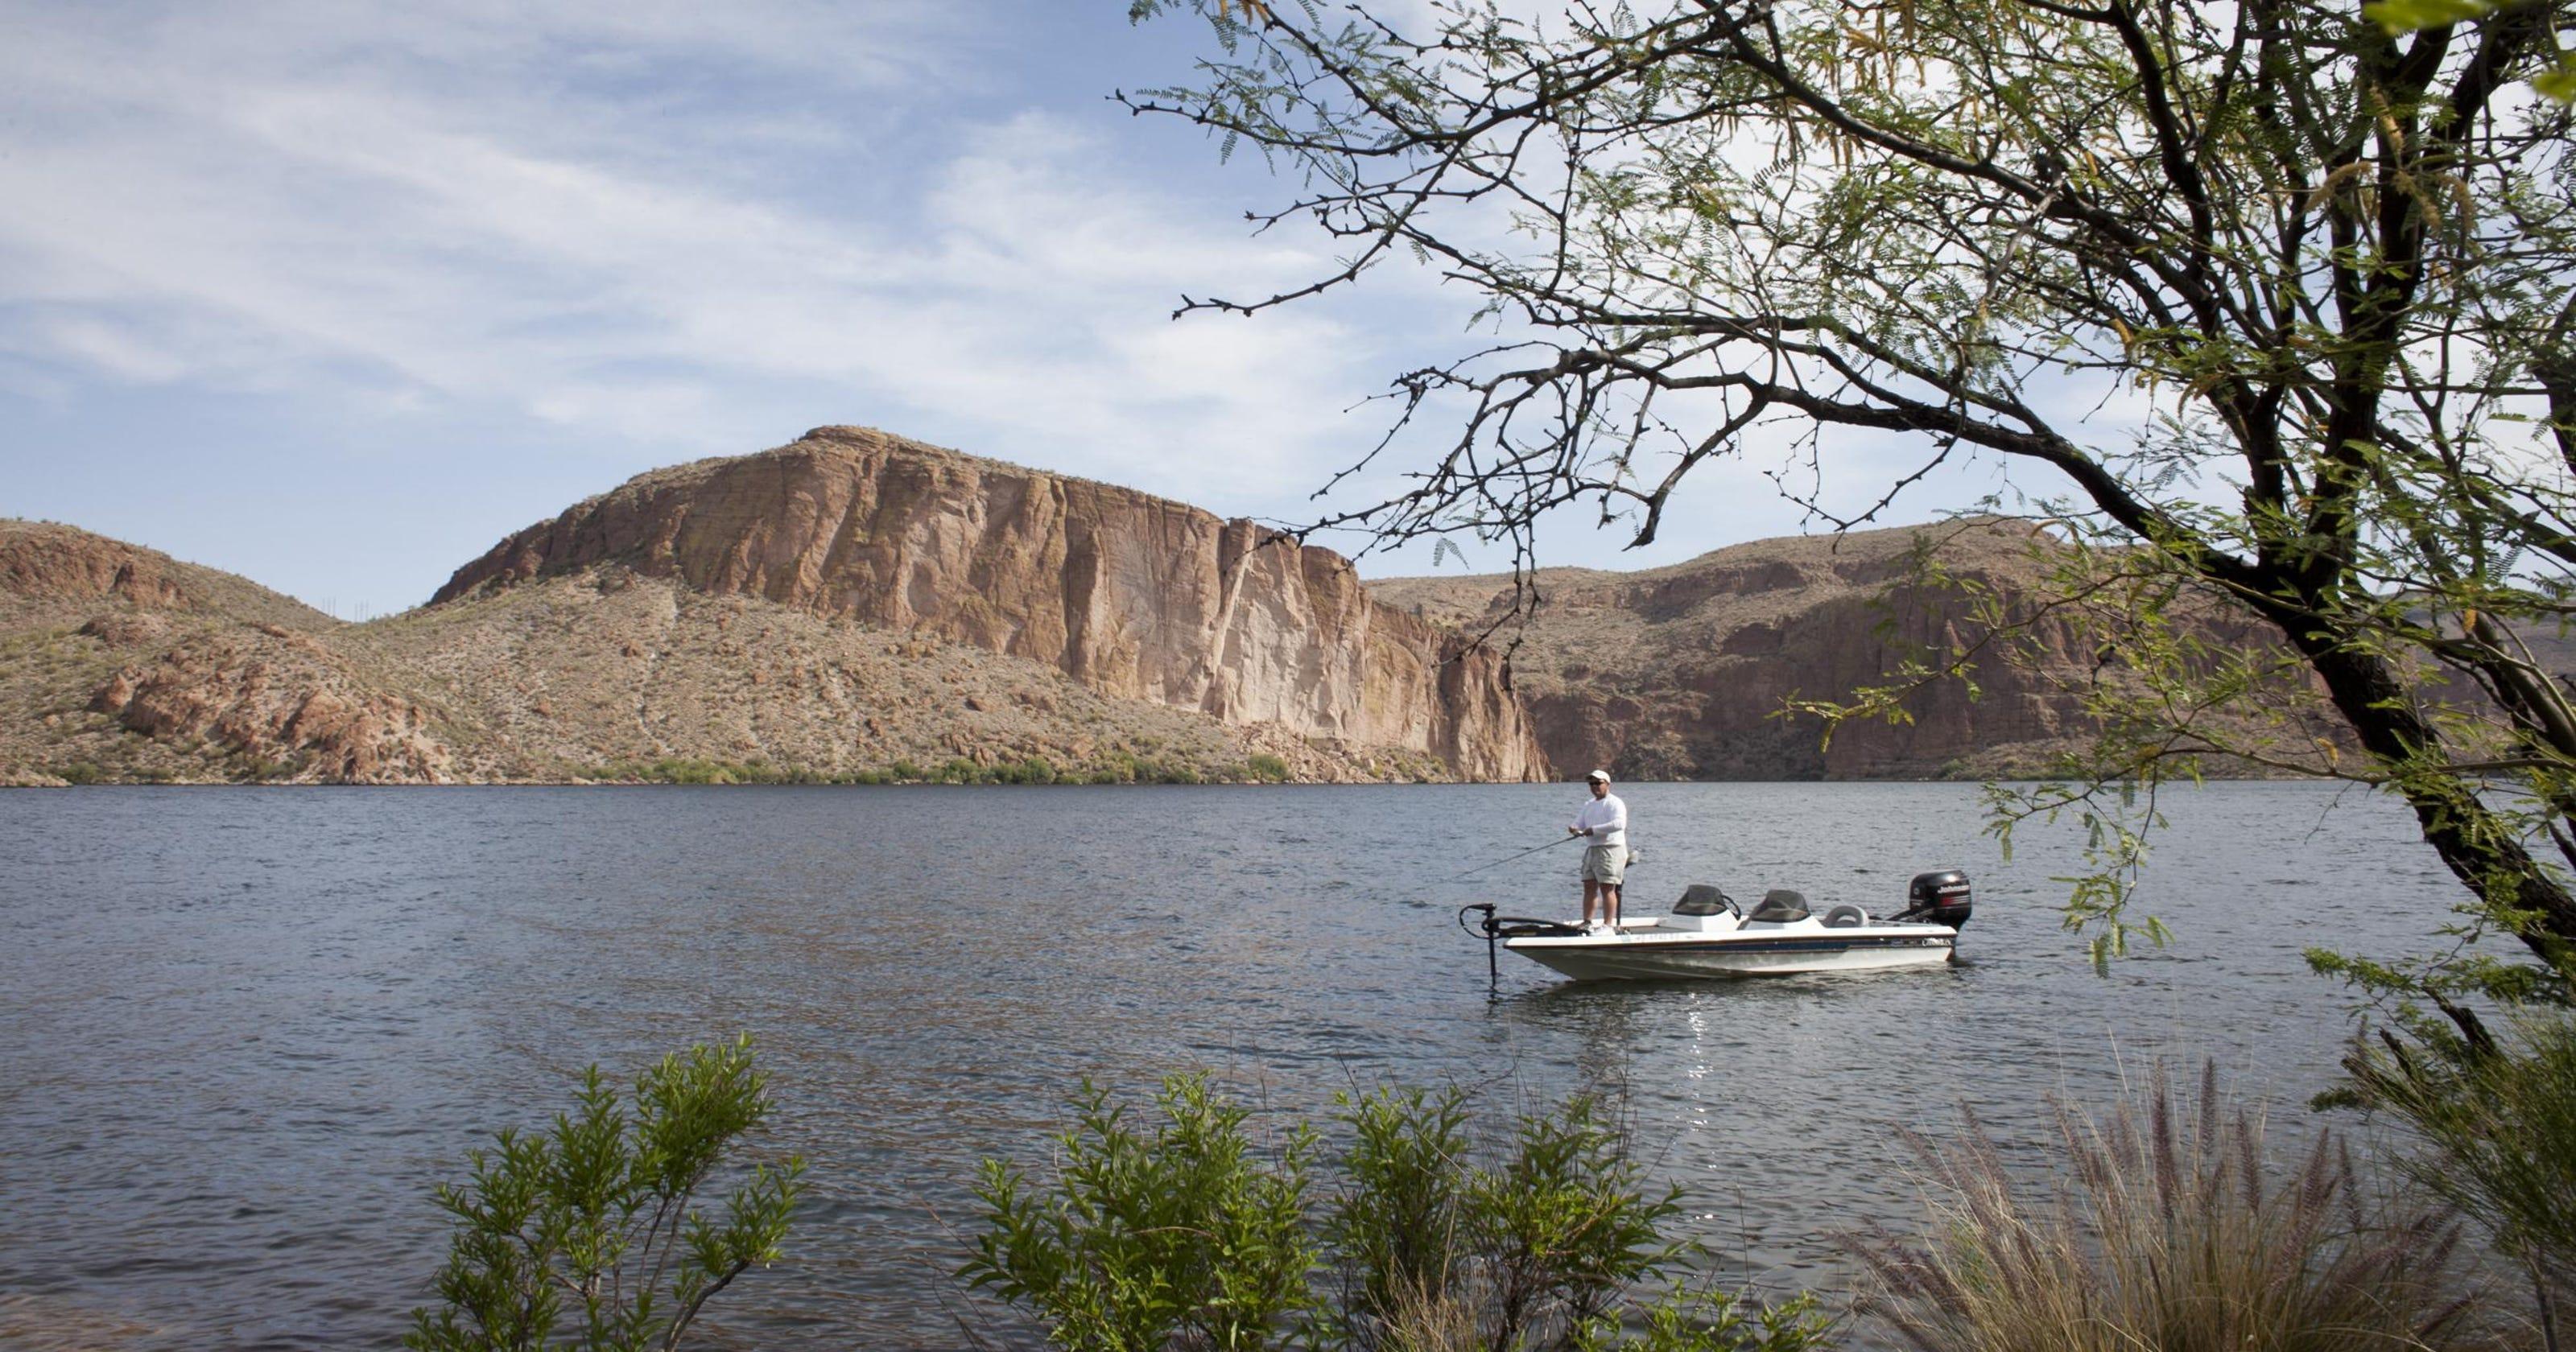 Arizona Fishing Report: Where to catch fish in Arizona